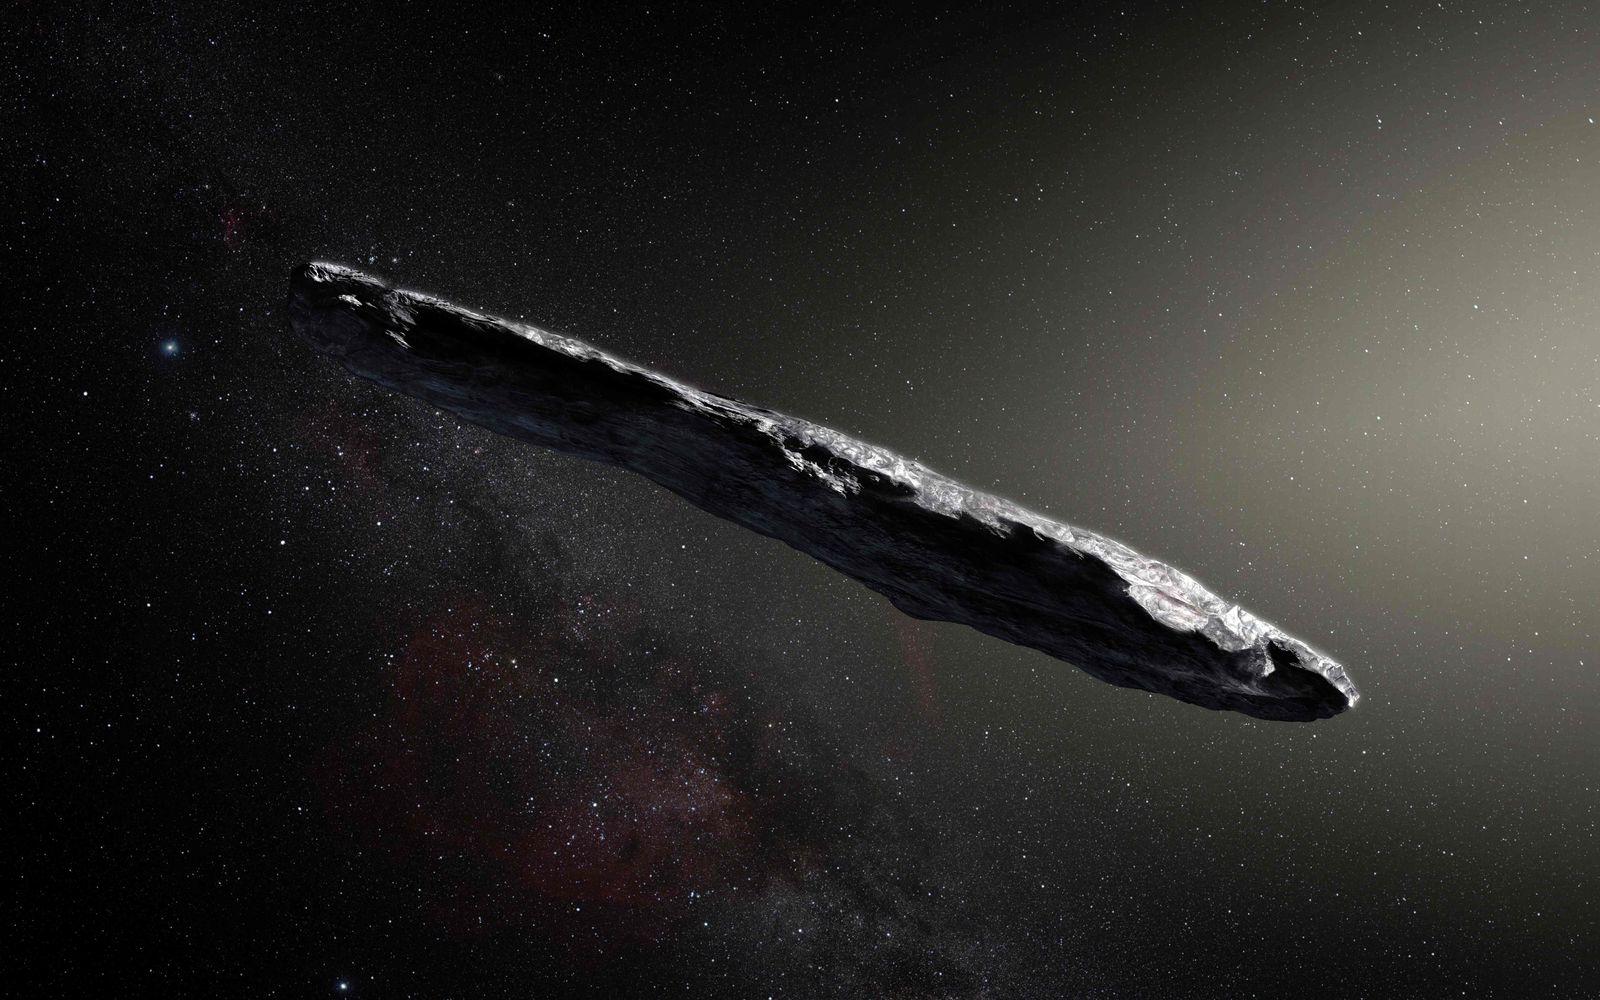 Asteroid Oumuamua